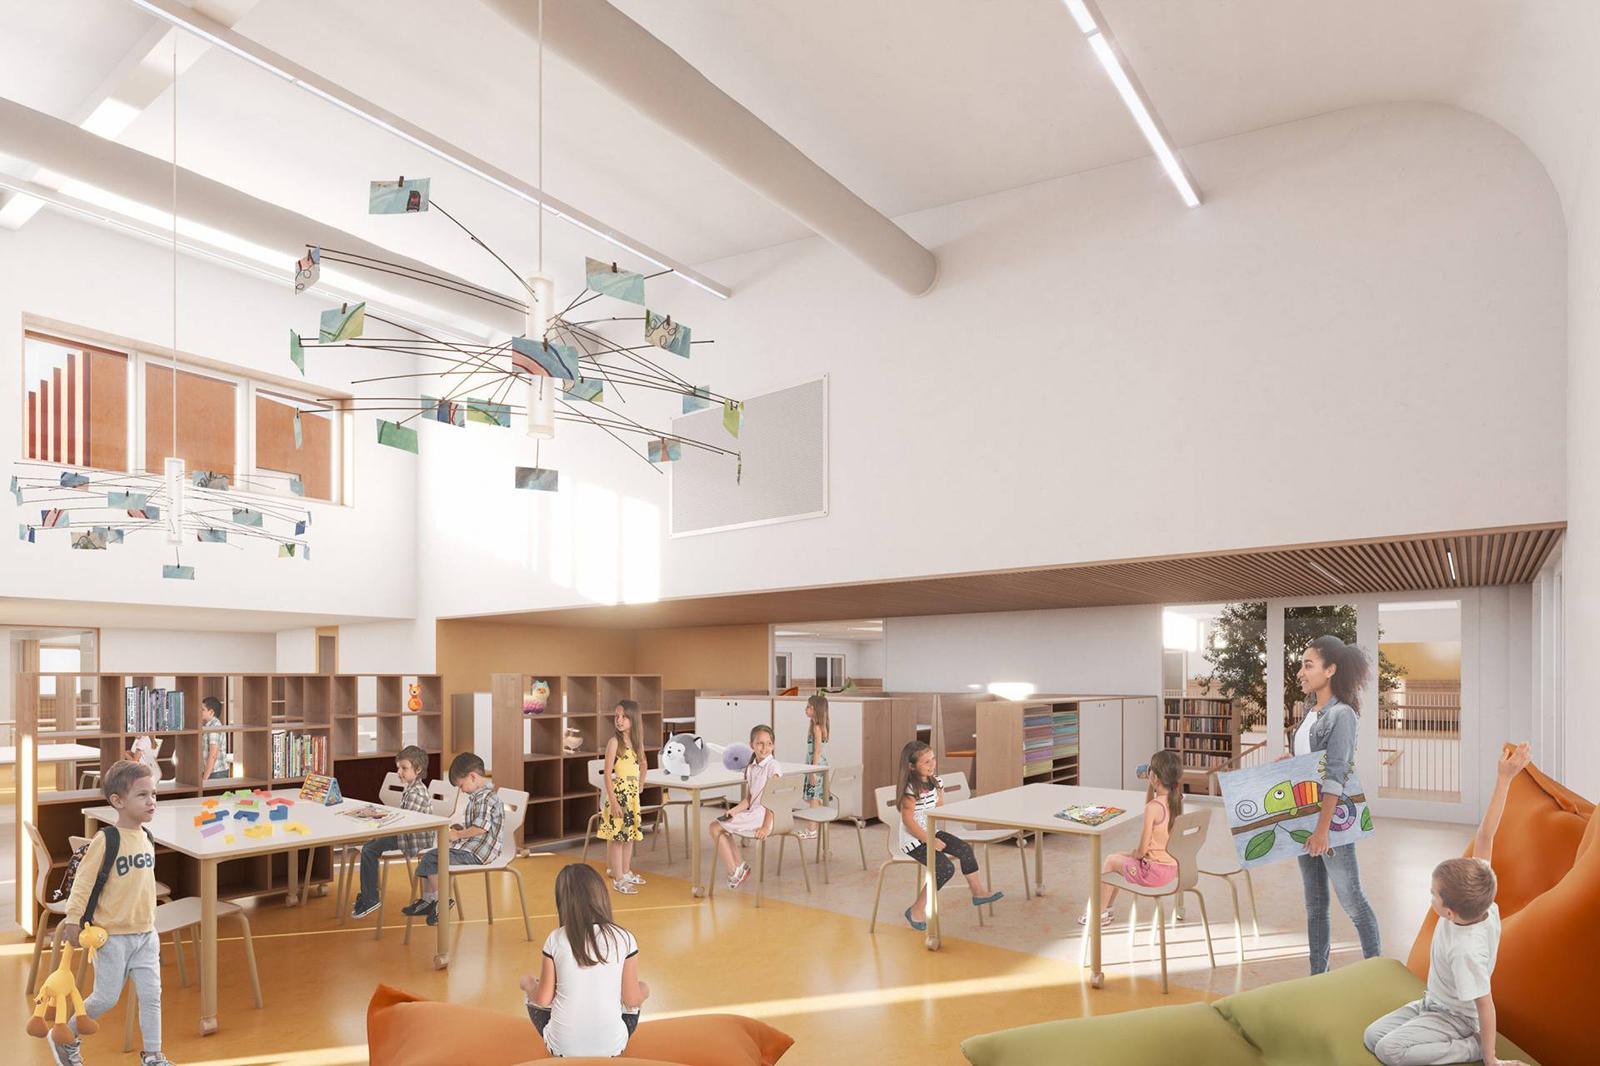 StM-AMA-Kindcentrum-De-Samenstroom-render-bovenbouwcluster